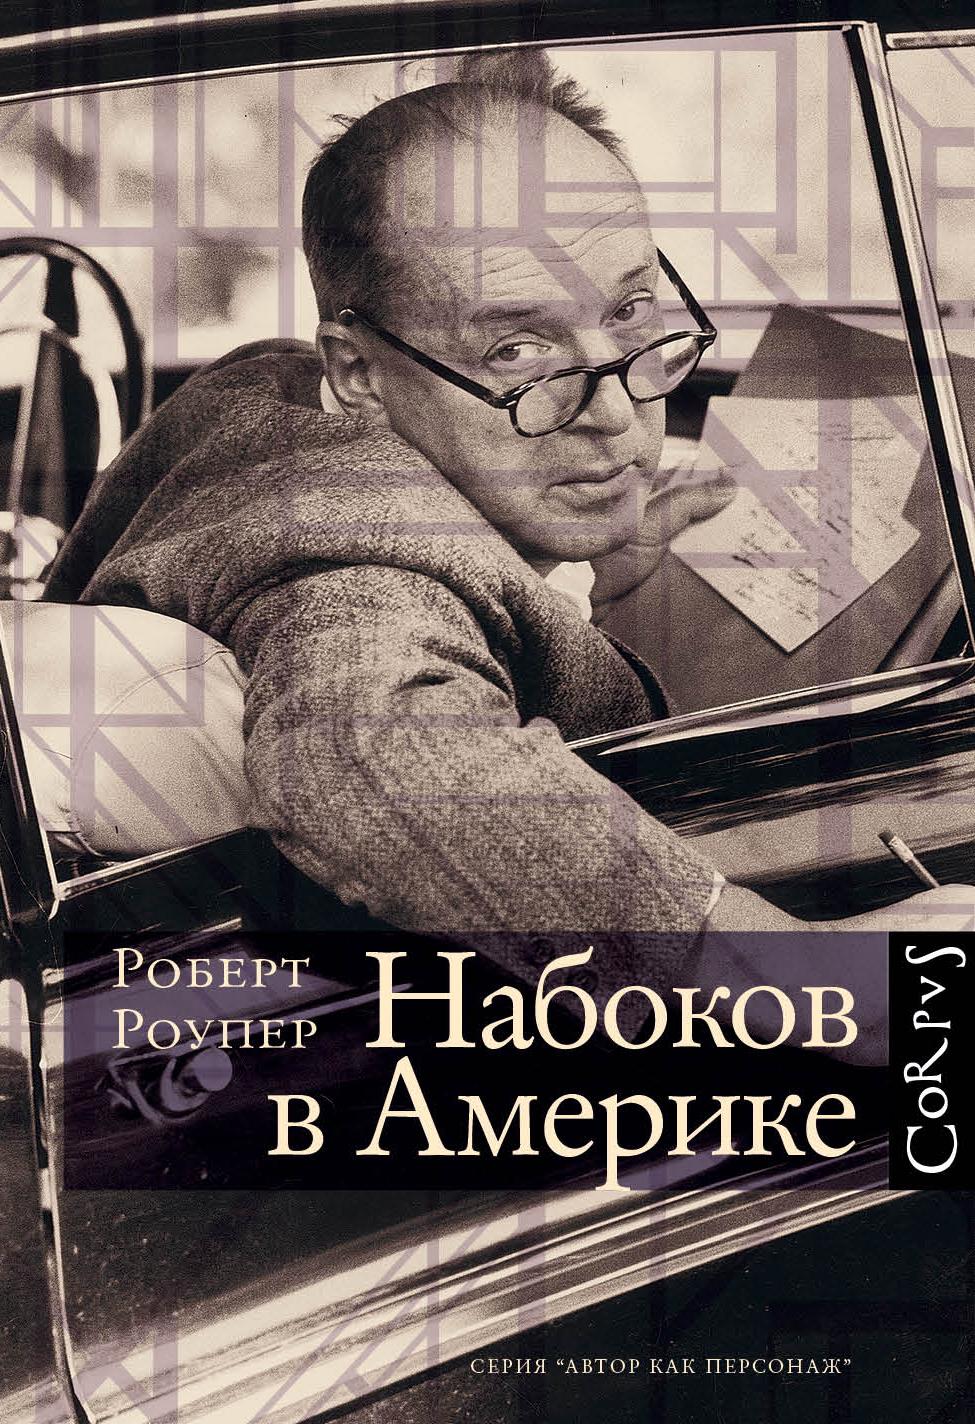 Роберт Роупер Набоков в Америке цена